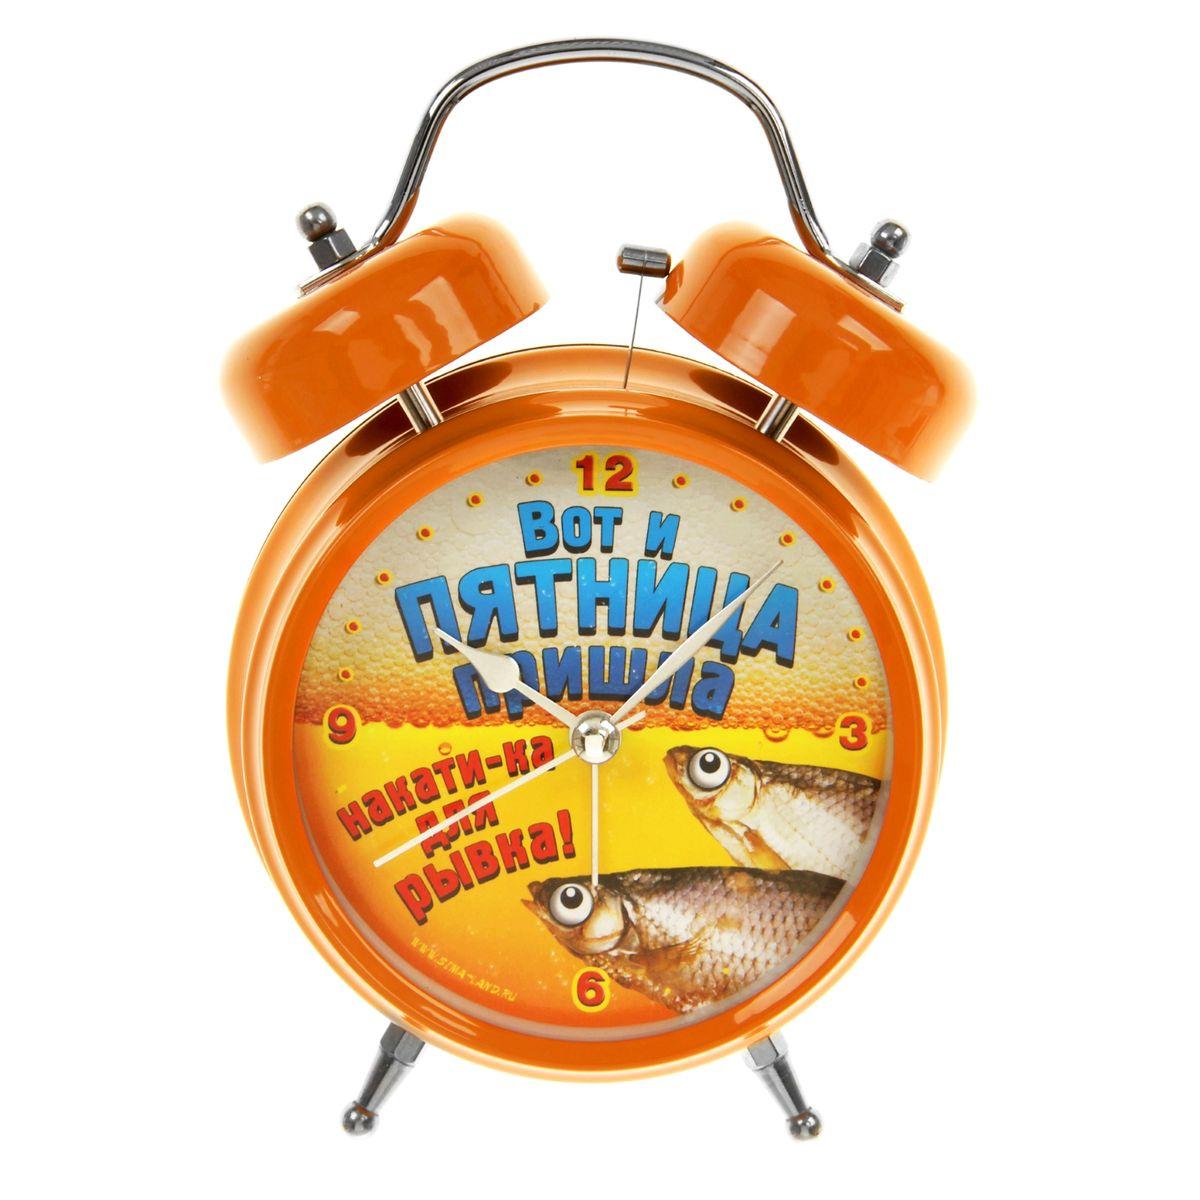 Часы-будильник Sima-land Вот и пятница839681Как же сложно иногда вставать вовремя! Всегда так хочется поспать еще хотя бы 5 минут и бывает, что мы просыпаем. Теперь этого не случится! Яркий, оригинальный будильник Sima-land Вот и пятница поможет вам всегда вставать в нужное время и успевать везде и всюду.Корпус будильника выполнен из металла. Циферблат оформлен изображением рыбки на фоне пива и надписью: Вот и пятница пришла, накати-ка для рывка!, имеет индикацию отметок с арабскими цифрами. Часы снабжены 4 стрелками (секундная, минутная, часовая и для будильника). На задней панели будильника расположен переключатель включения/выключения механизма, а также два колесика для настройки текущего времени и времени звонка будильника. Пользоваться будильником очень легко: нужно всего лишь поставить батарейки, настроить точное время и установить время звонка. Необходимо докупить 2 батарейки типа АА (не входят в комплект).